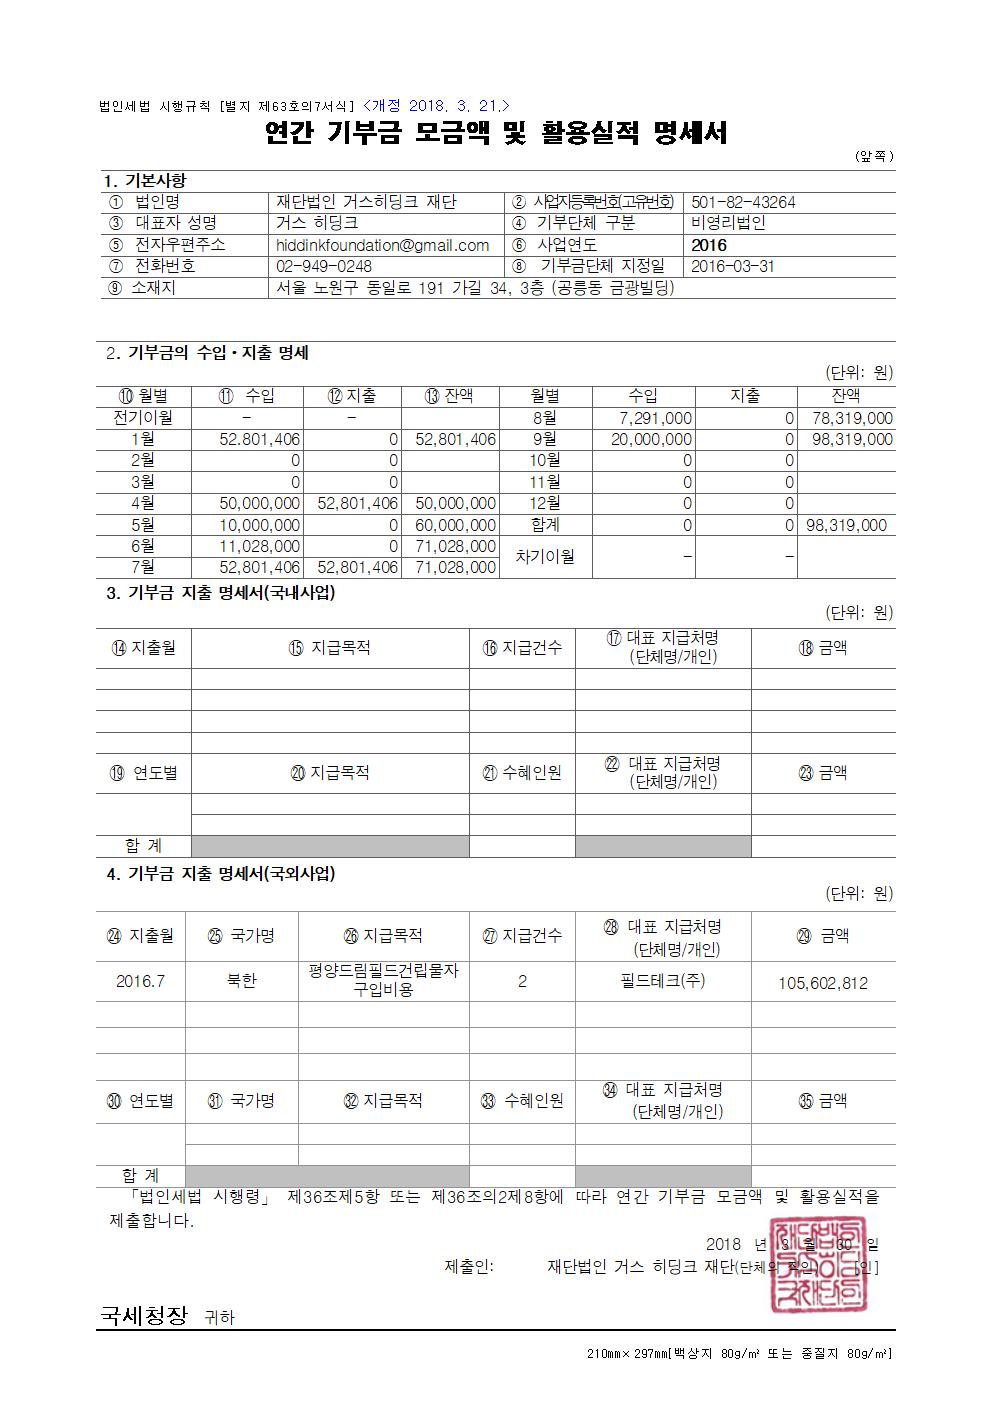 연간기부금 모금액 및 활용실적 명세서 2016(수정본)001.png